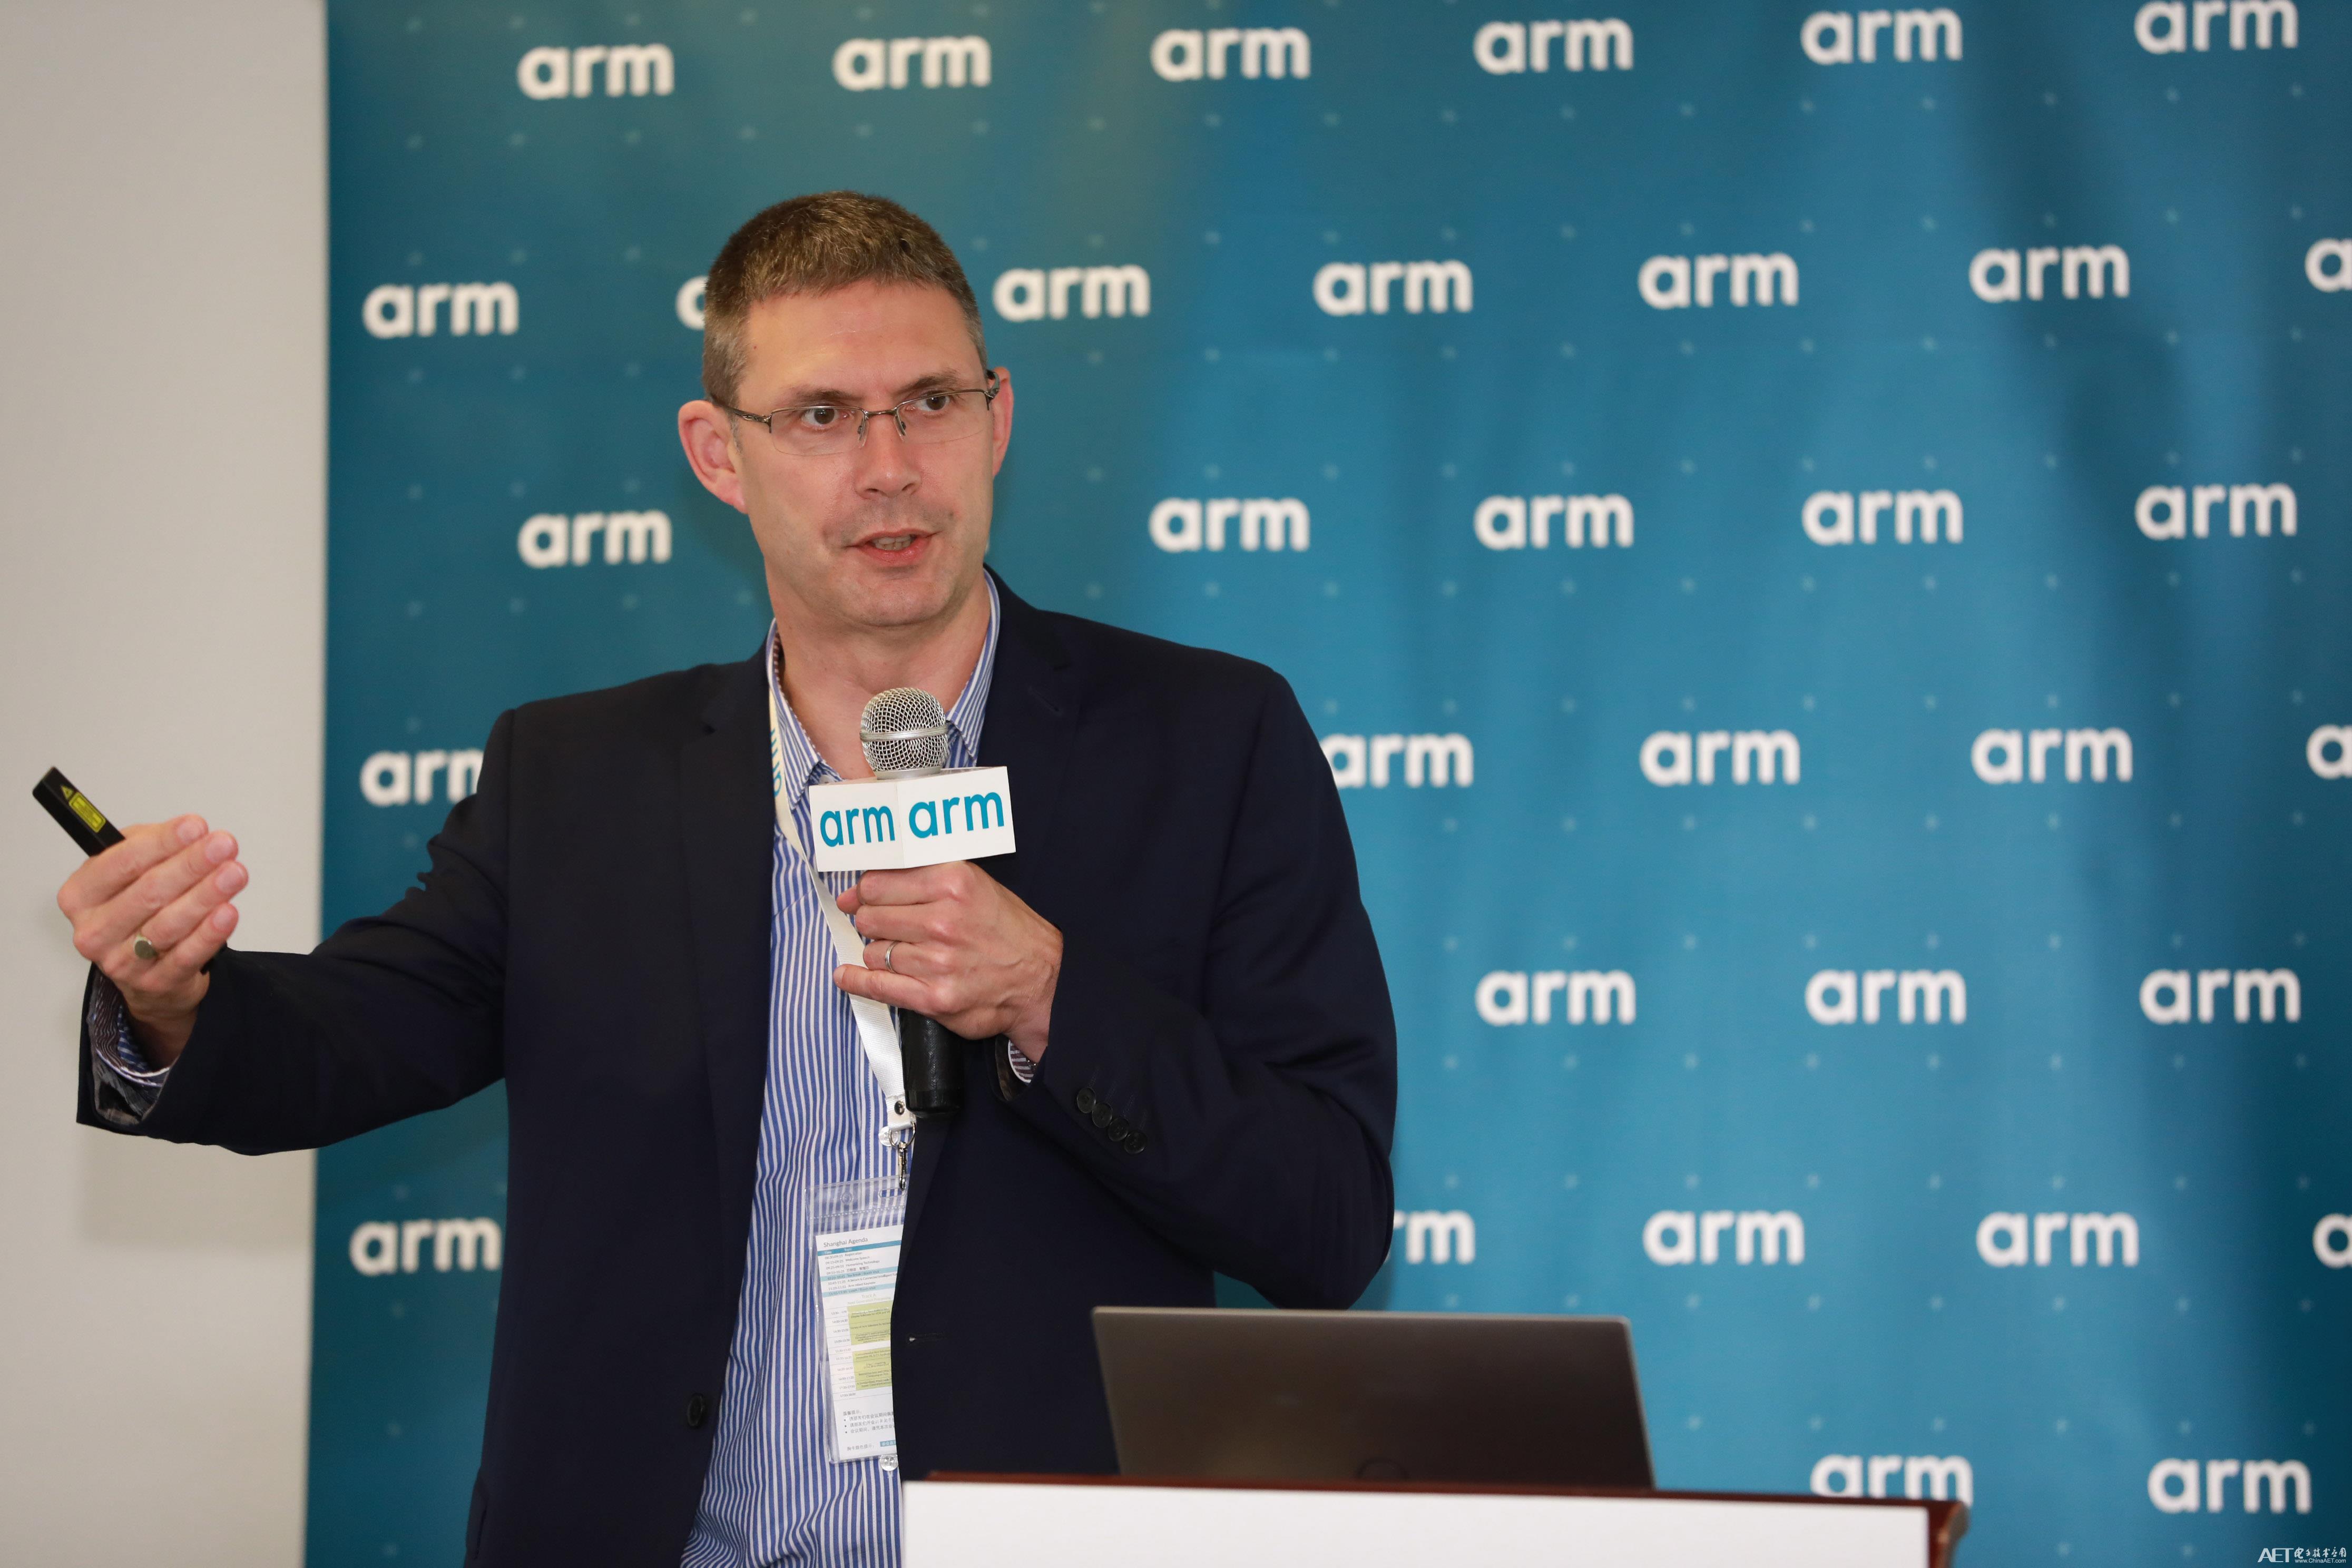 Arm计算事业部的资深市场营销总监Ian Smythe.jpg